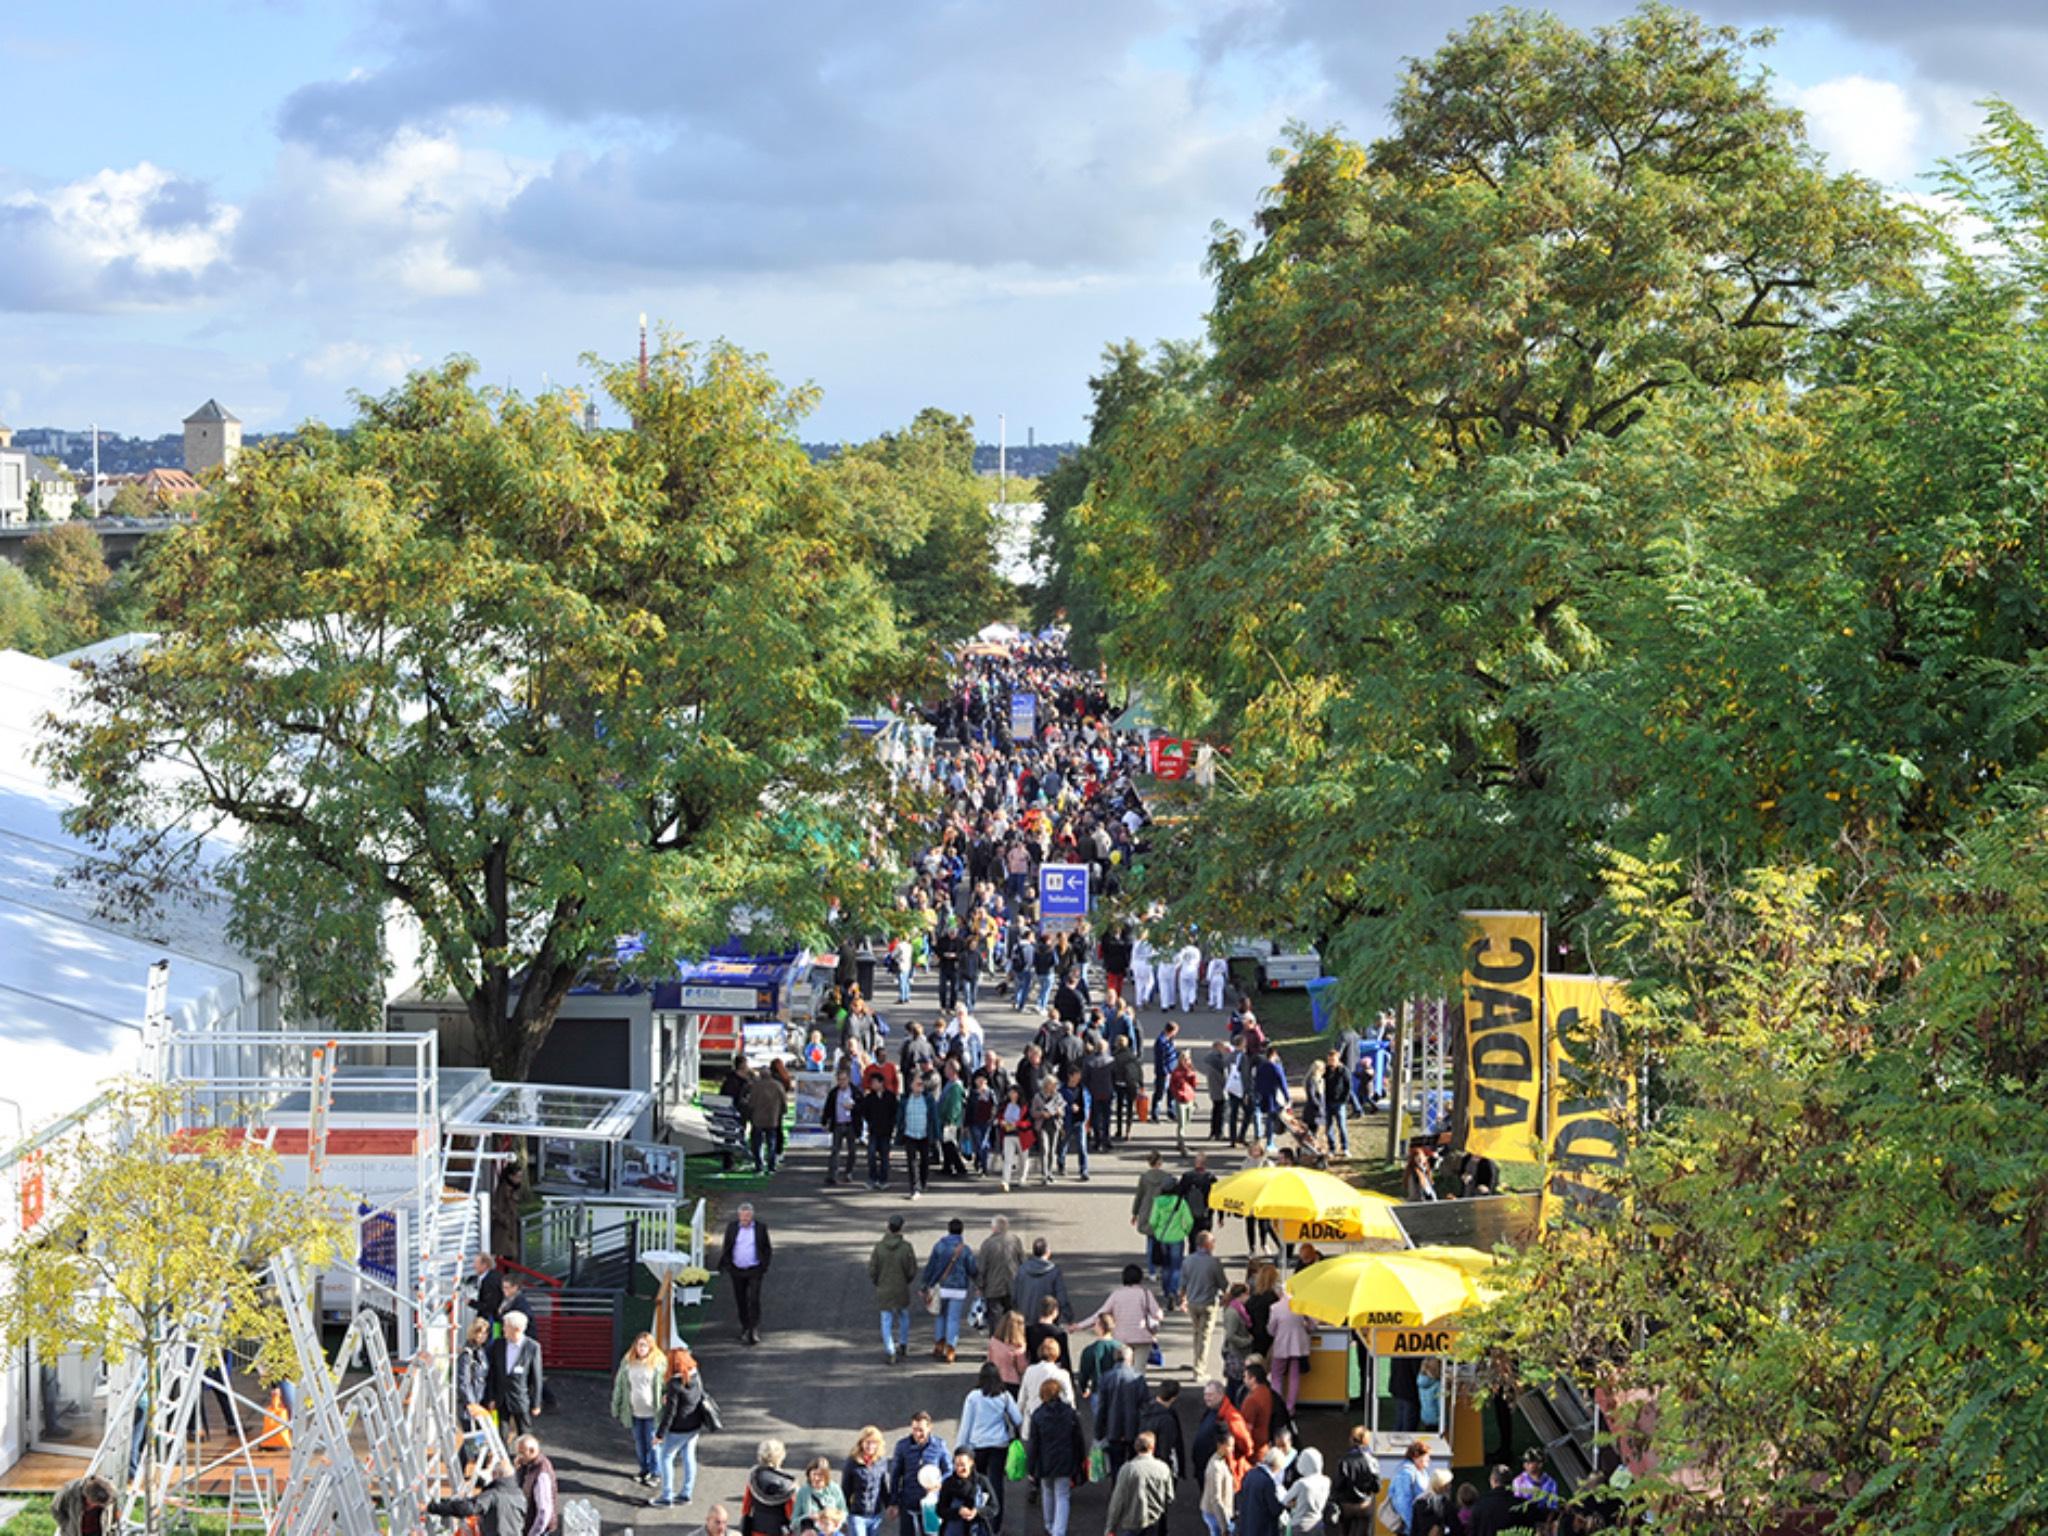 Seit 1950 alle zwei Jahre in Würzburg: Die Mainfranken-Messe am Mainufer. Foto: Mainfranken-Messe